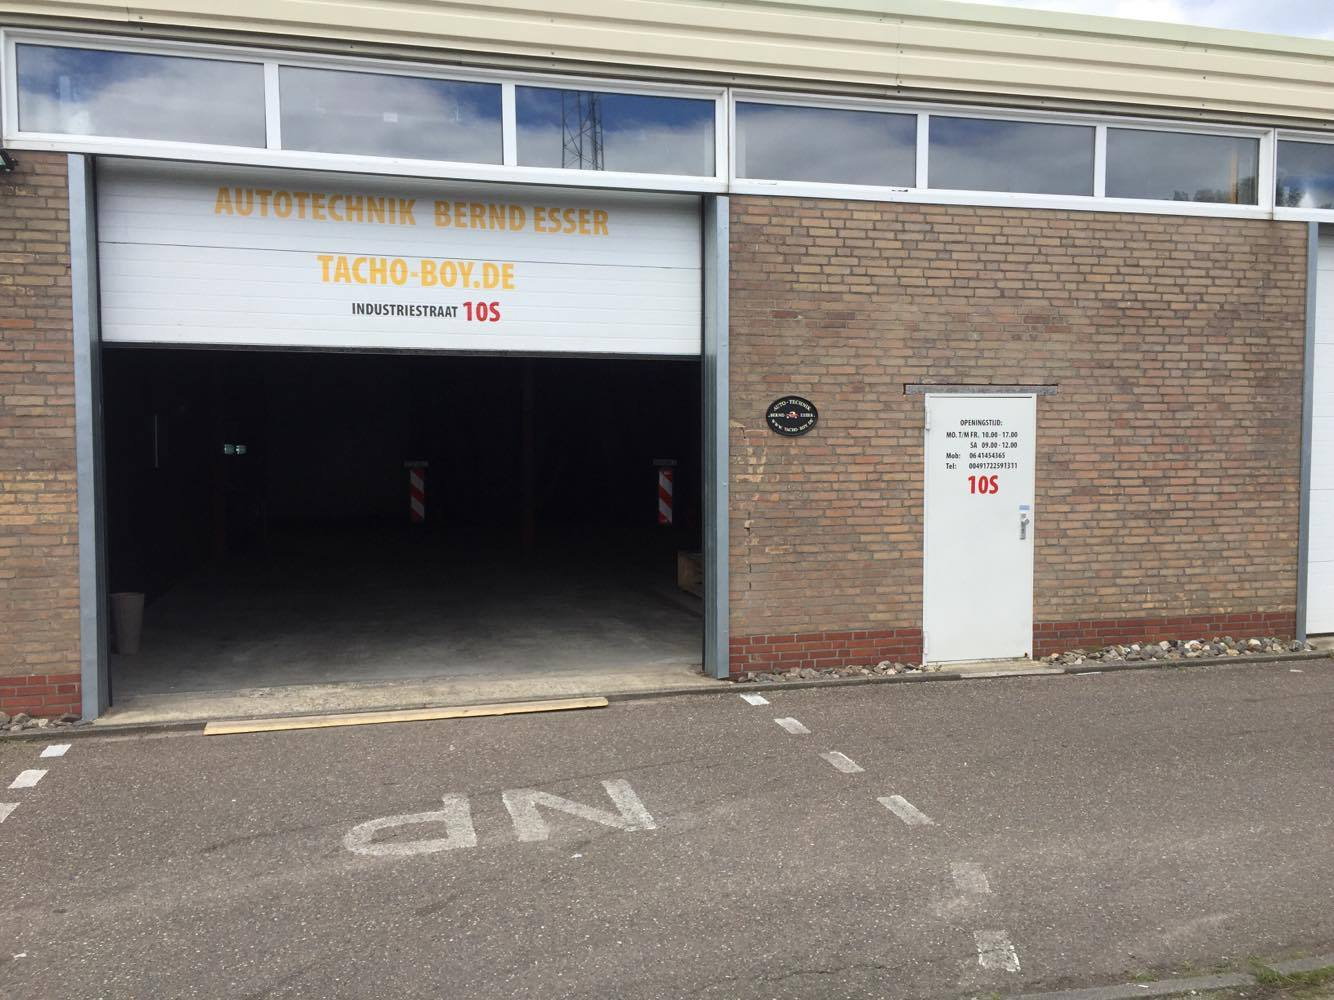 De Garage Sittard : Verdachte vaten gevonden in garage sittard limburg nieuws en